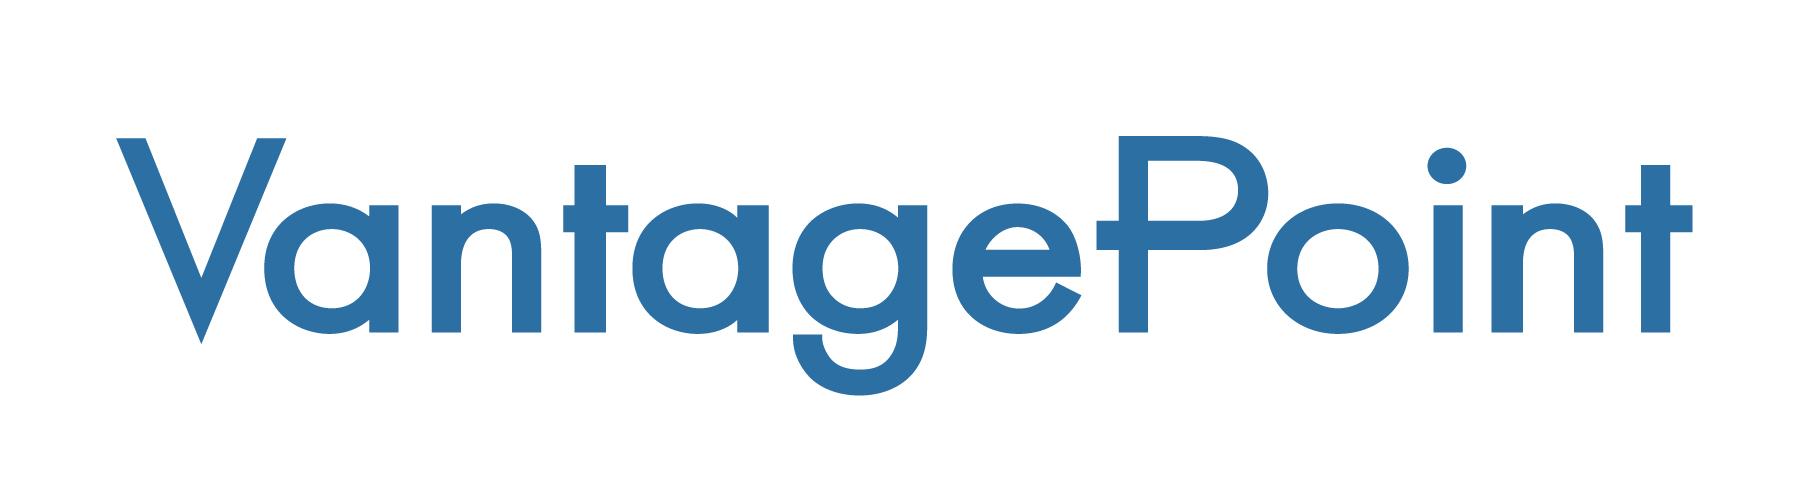 Vantagepoint AI Company Logo